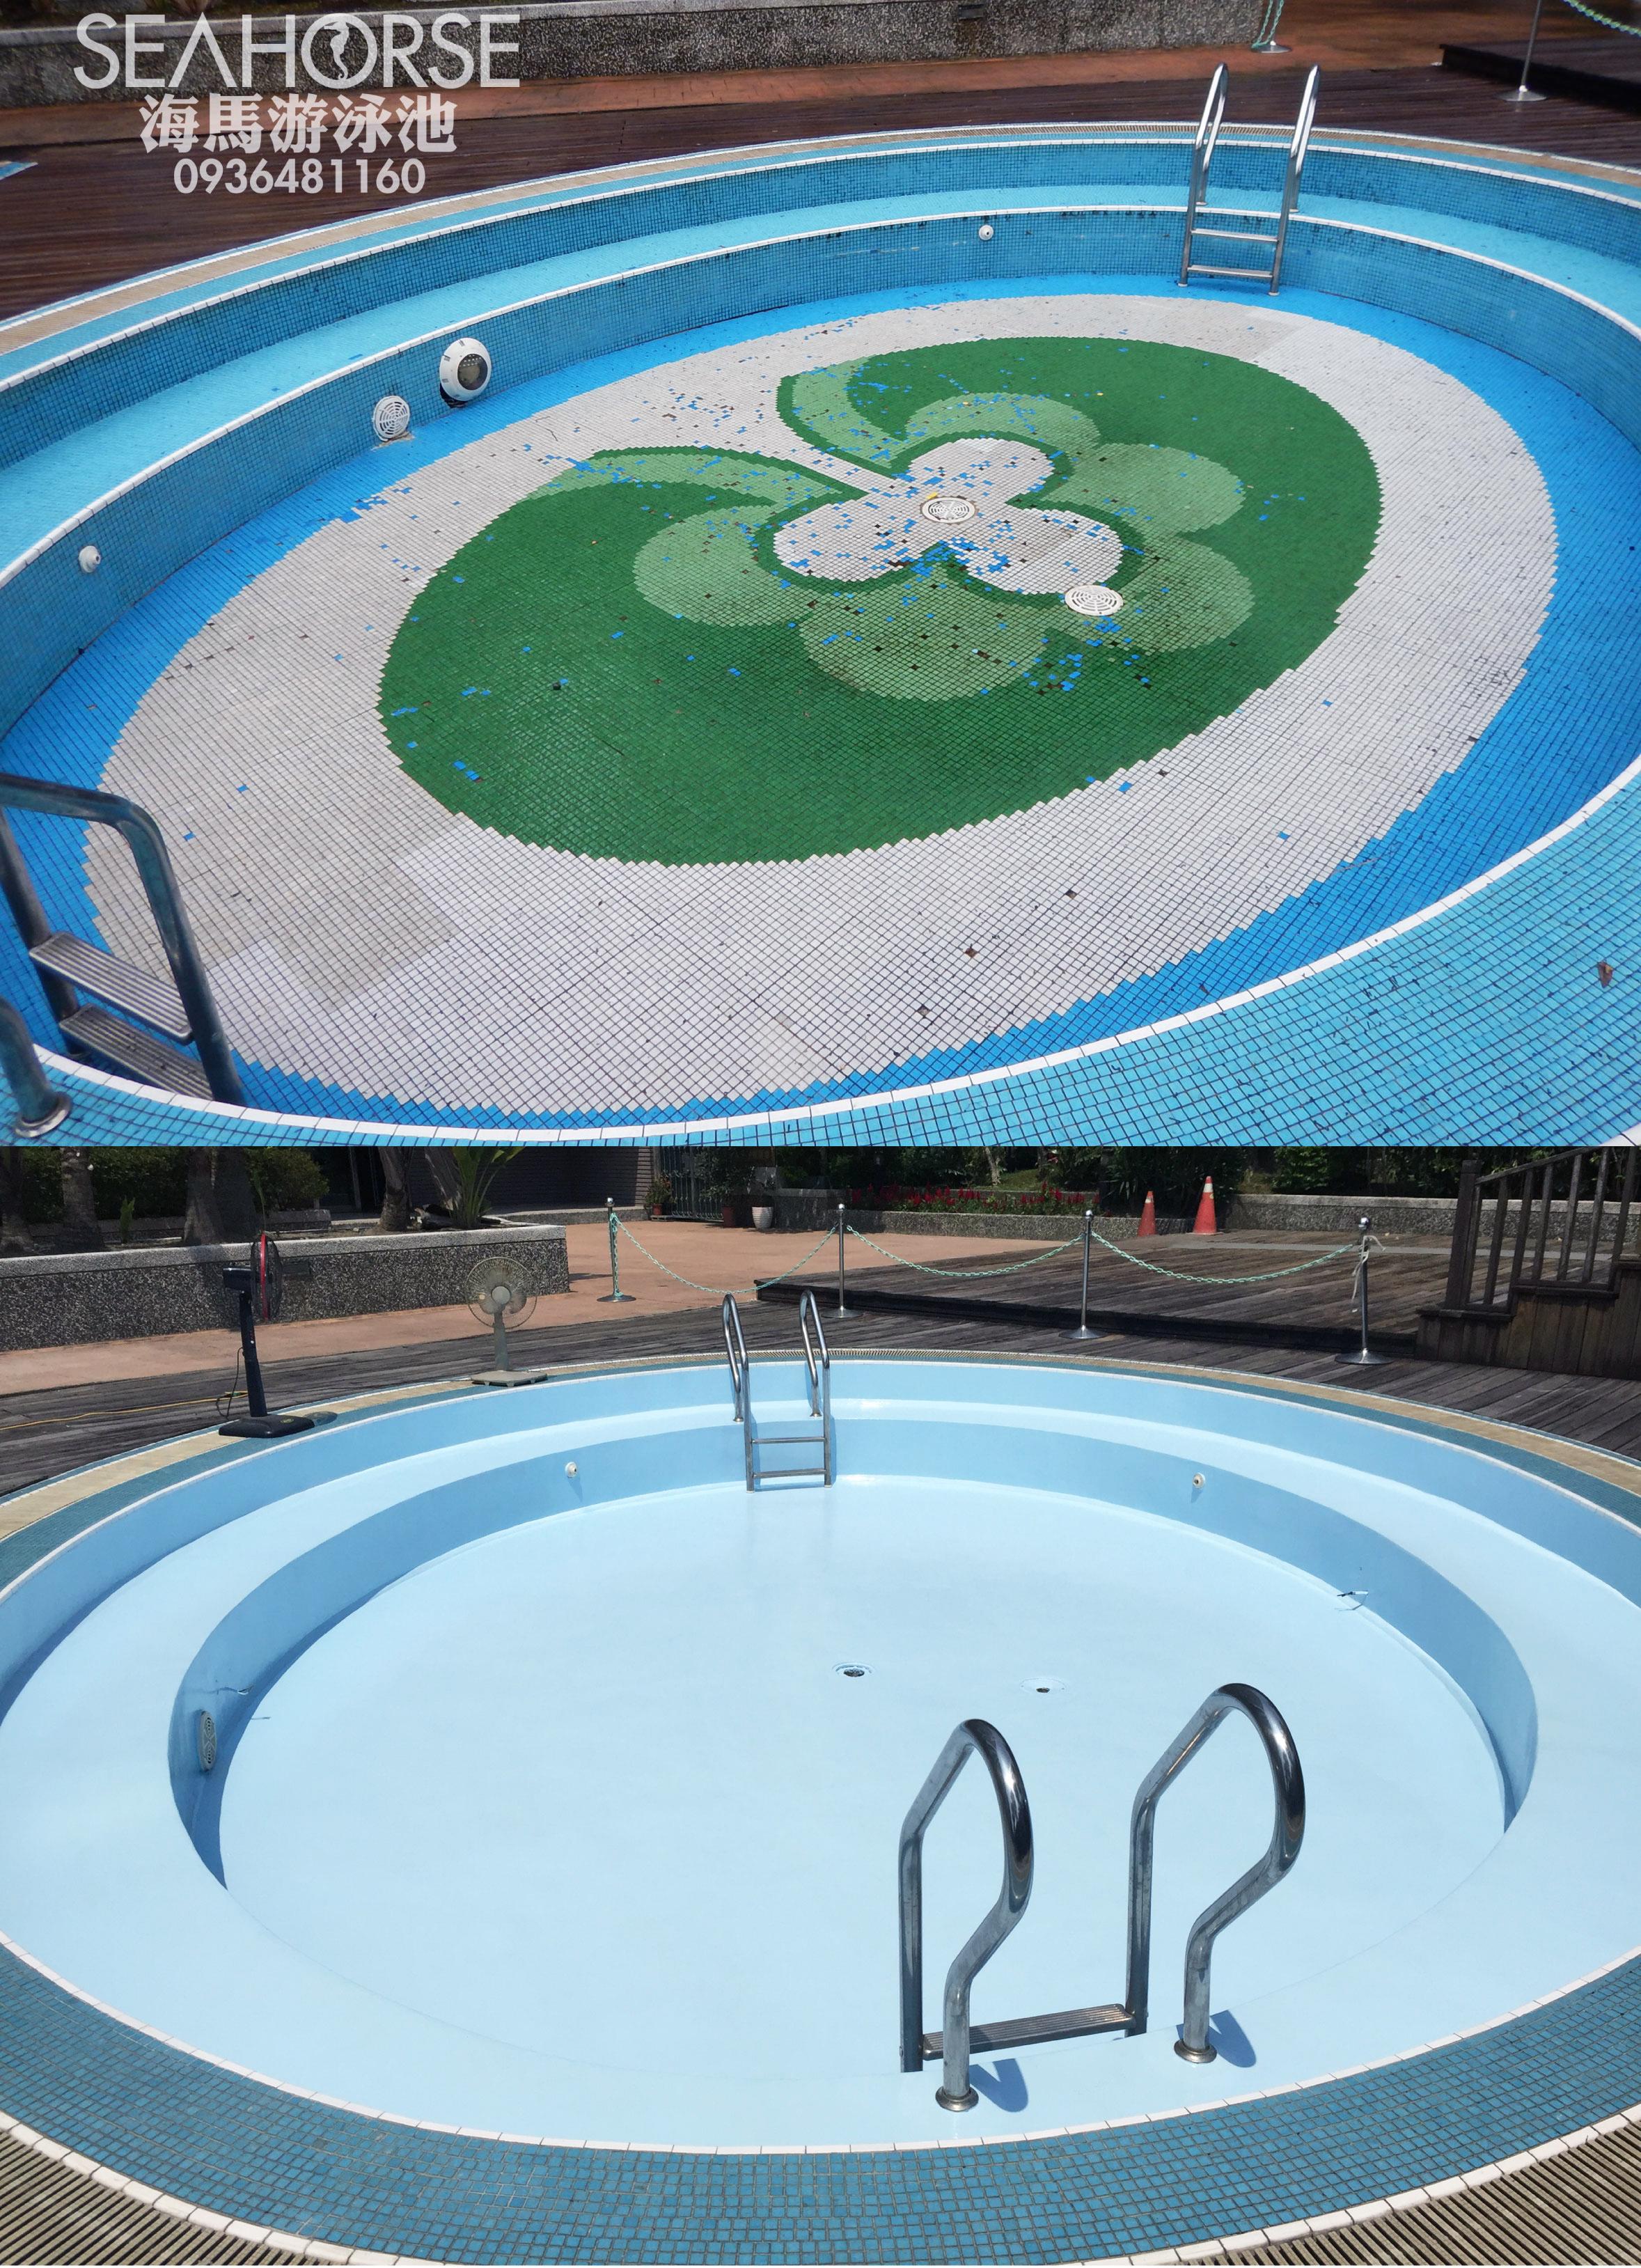 社區油漆型游泳池更新設計